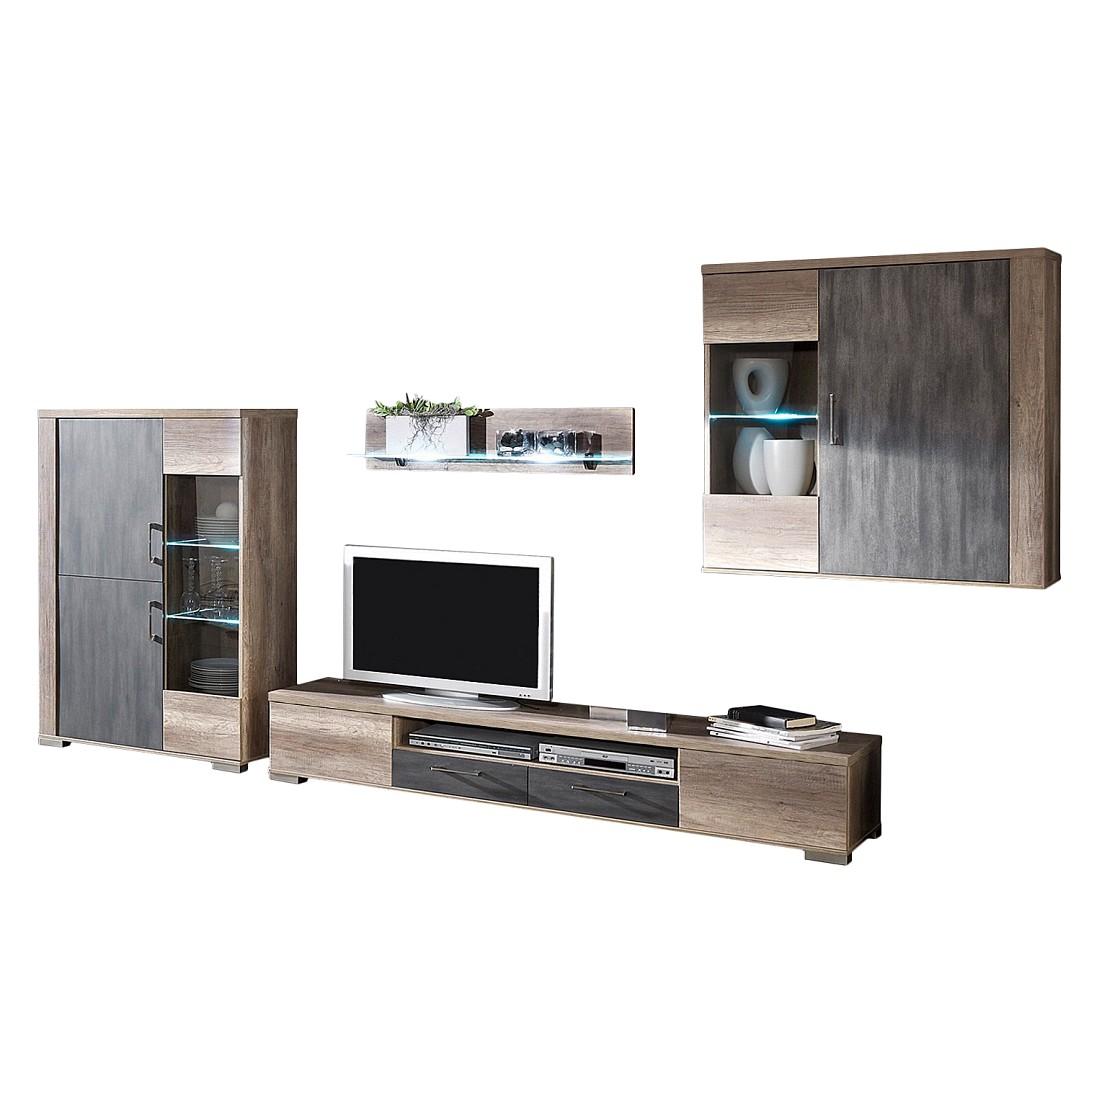 wohnwand jadin ii 4 teilig wildeiche dekor absetzung tr ffel dekor ohne beleuchtung. Black Bedroom Furniture Sets. Home Design Ideas